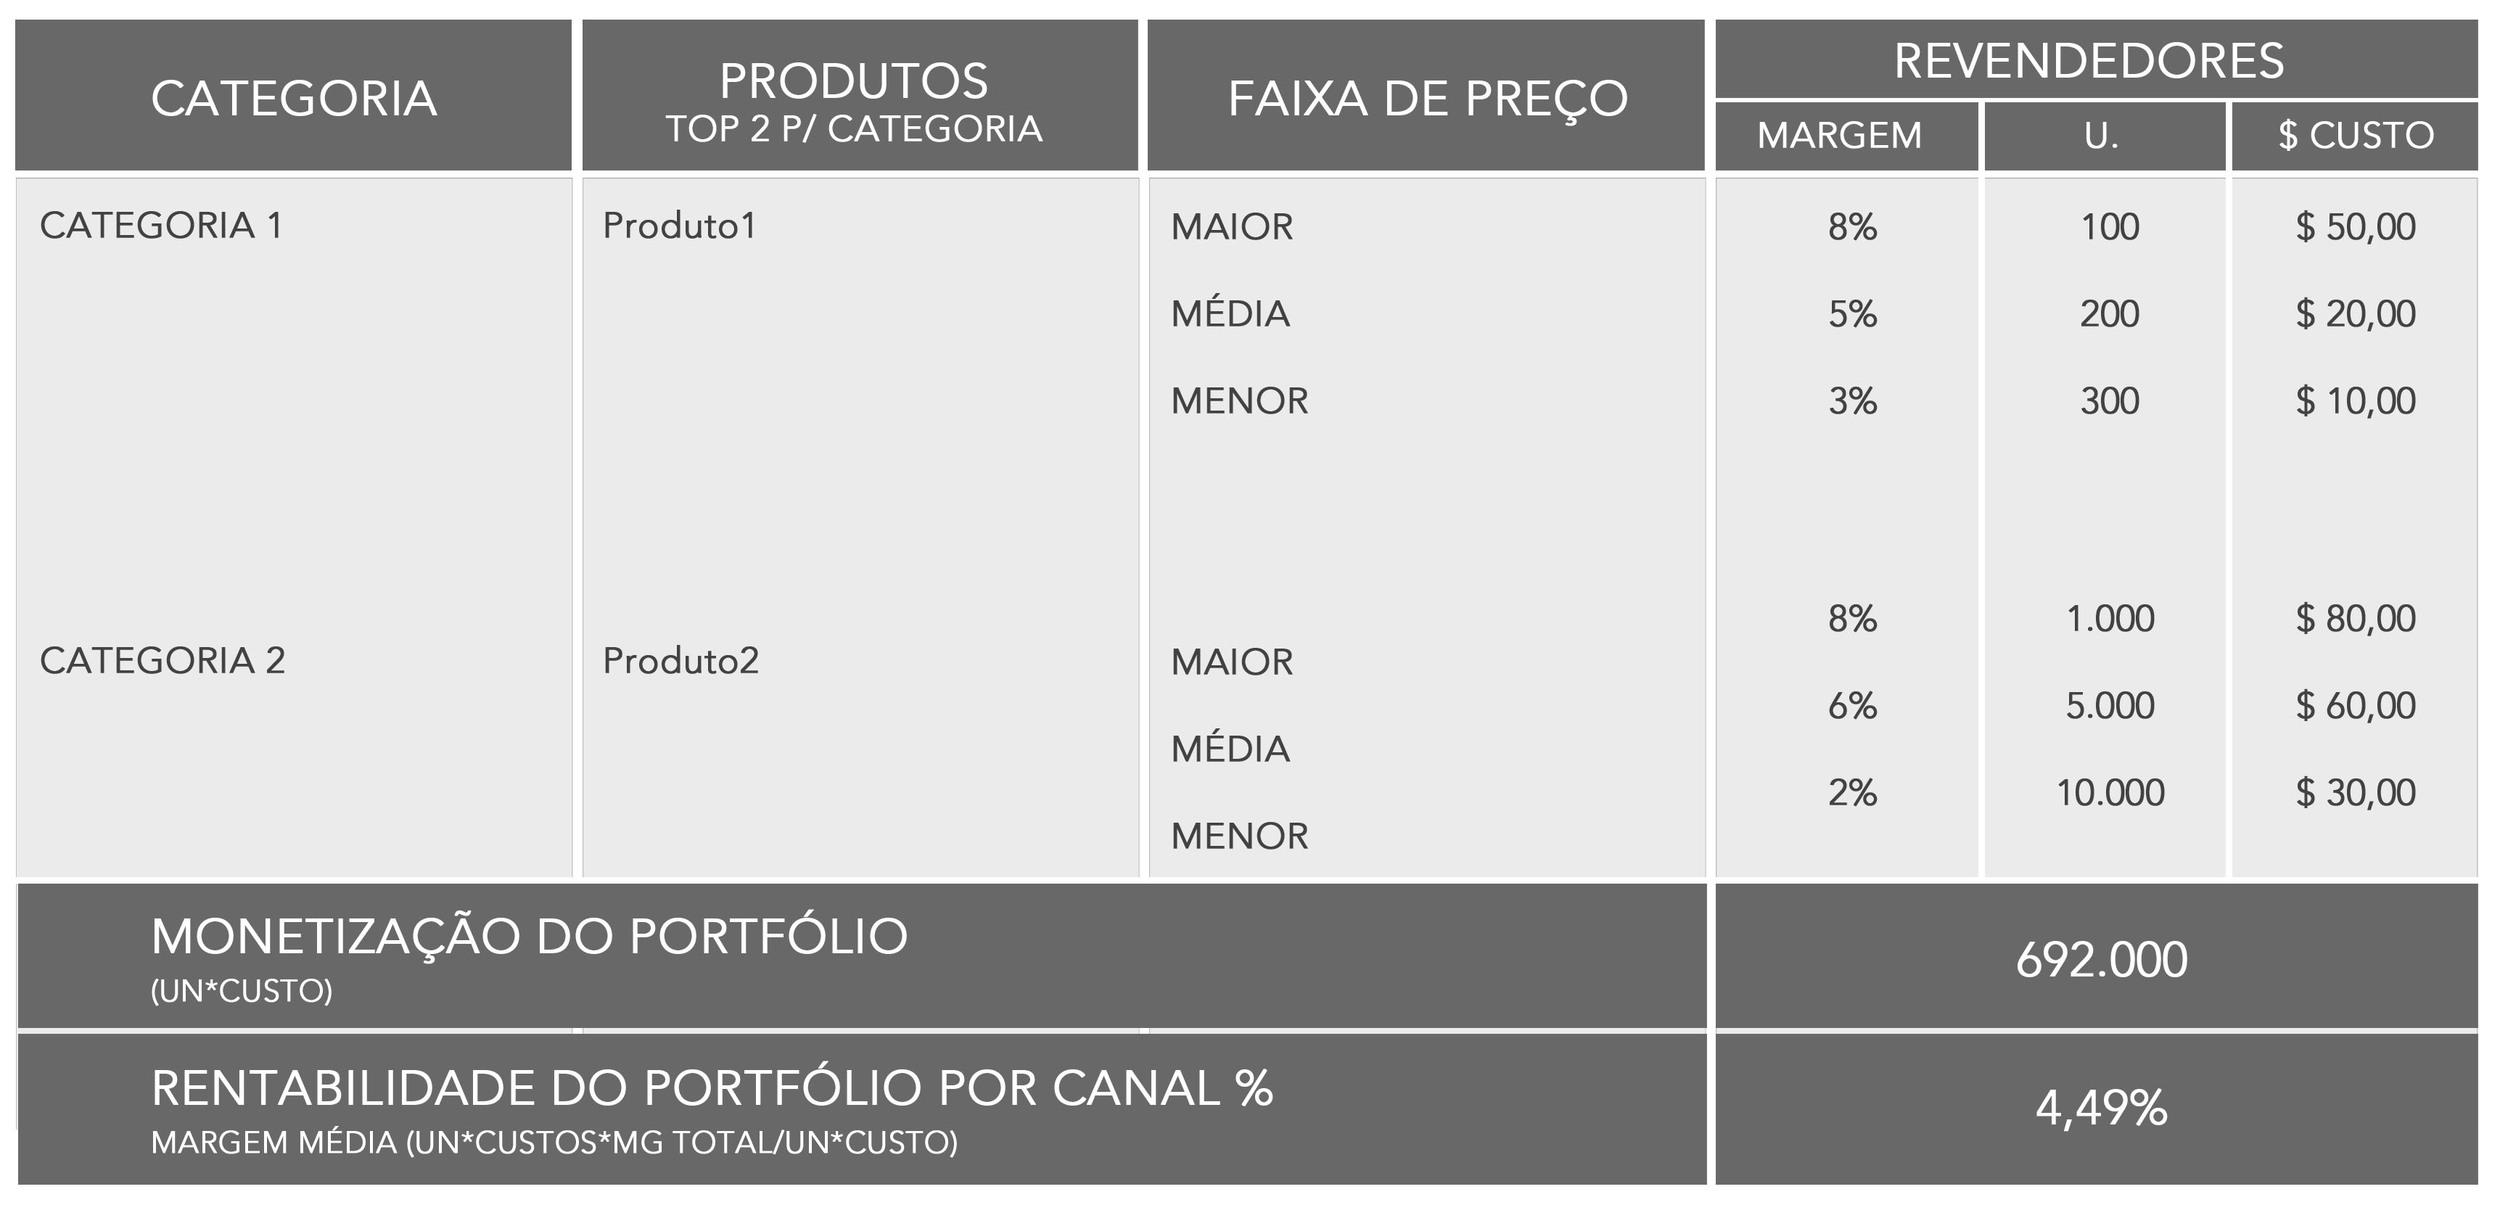 monetização = R$ 692.000 com margem de contribuição de 4,49%